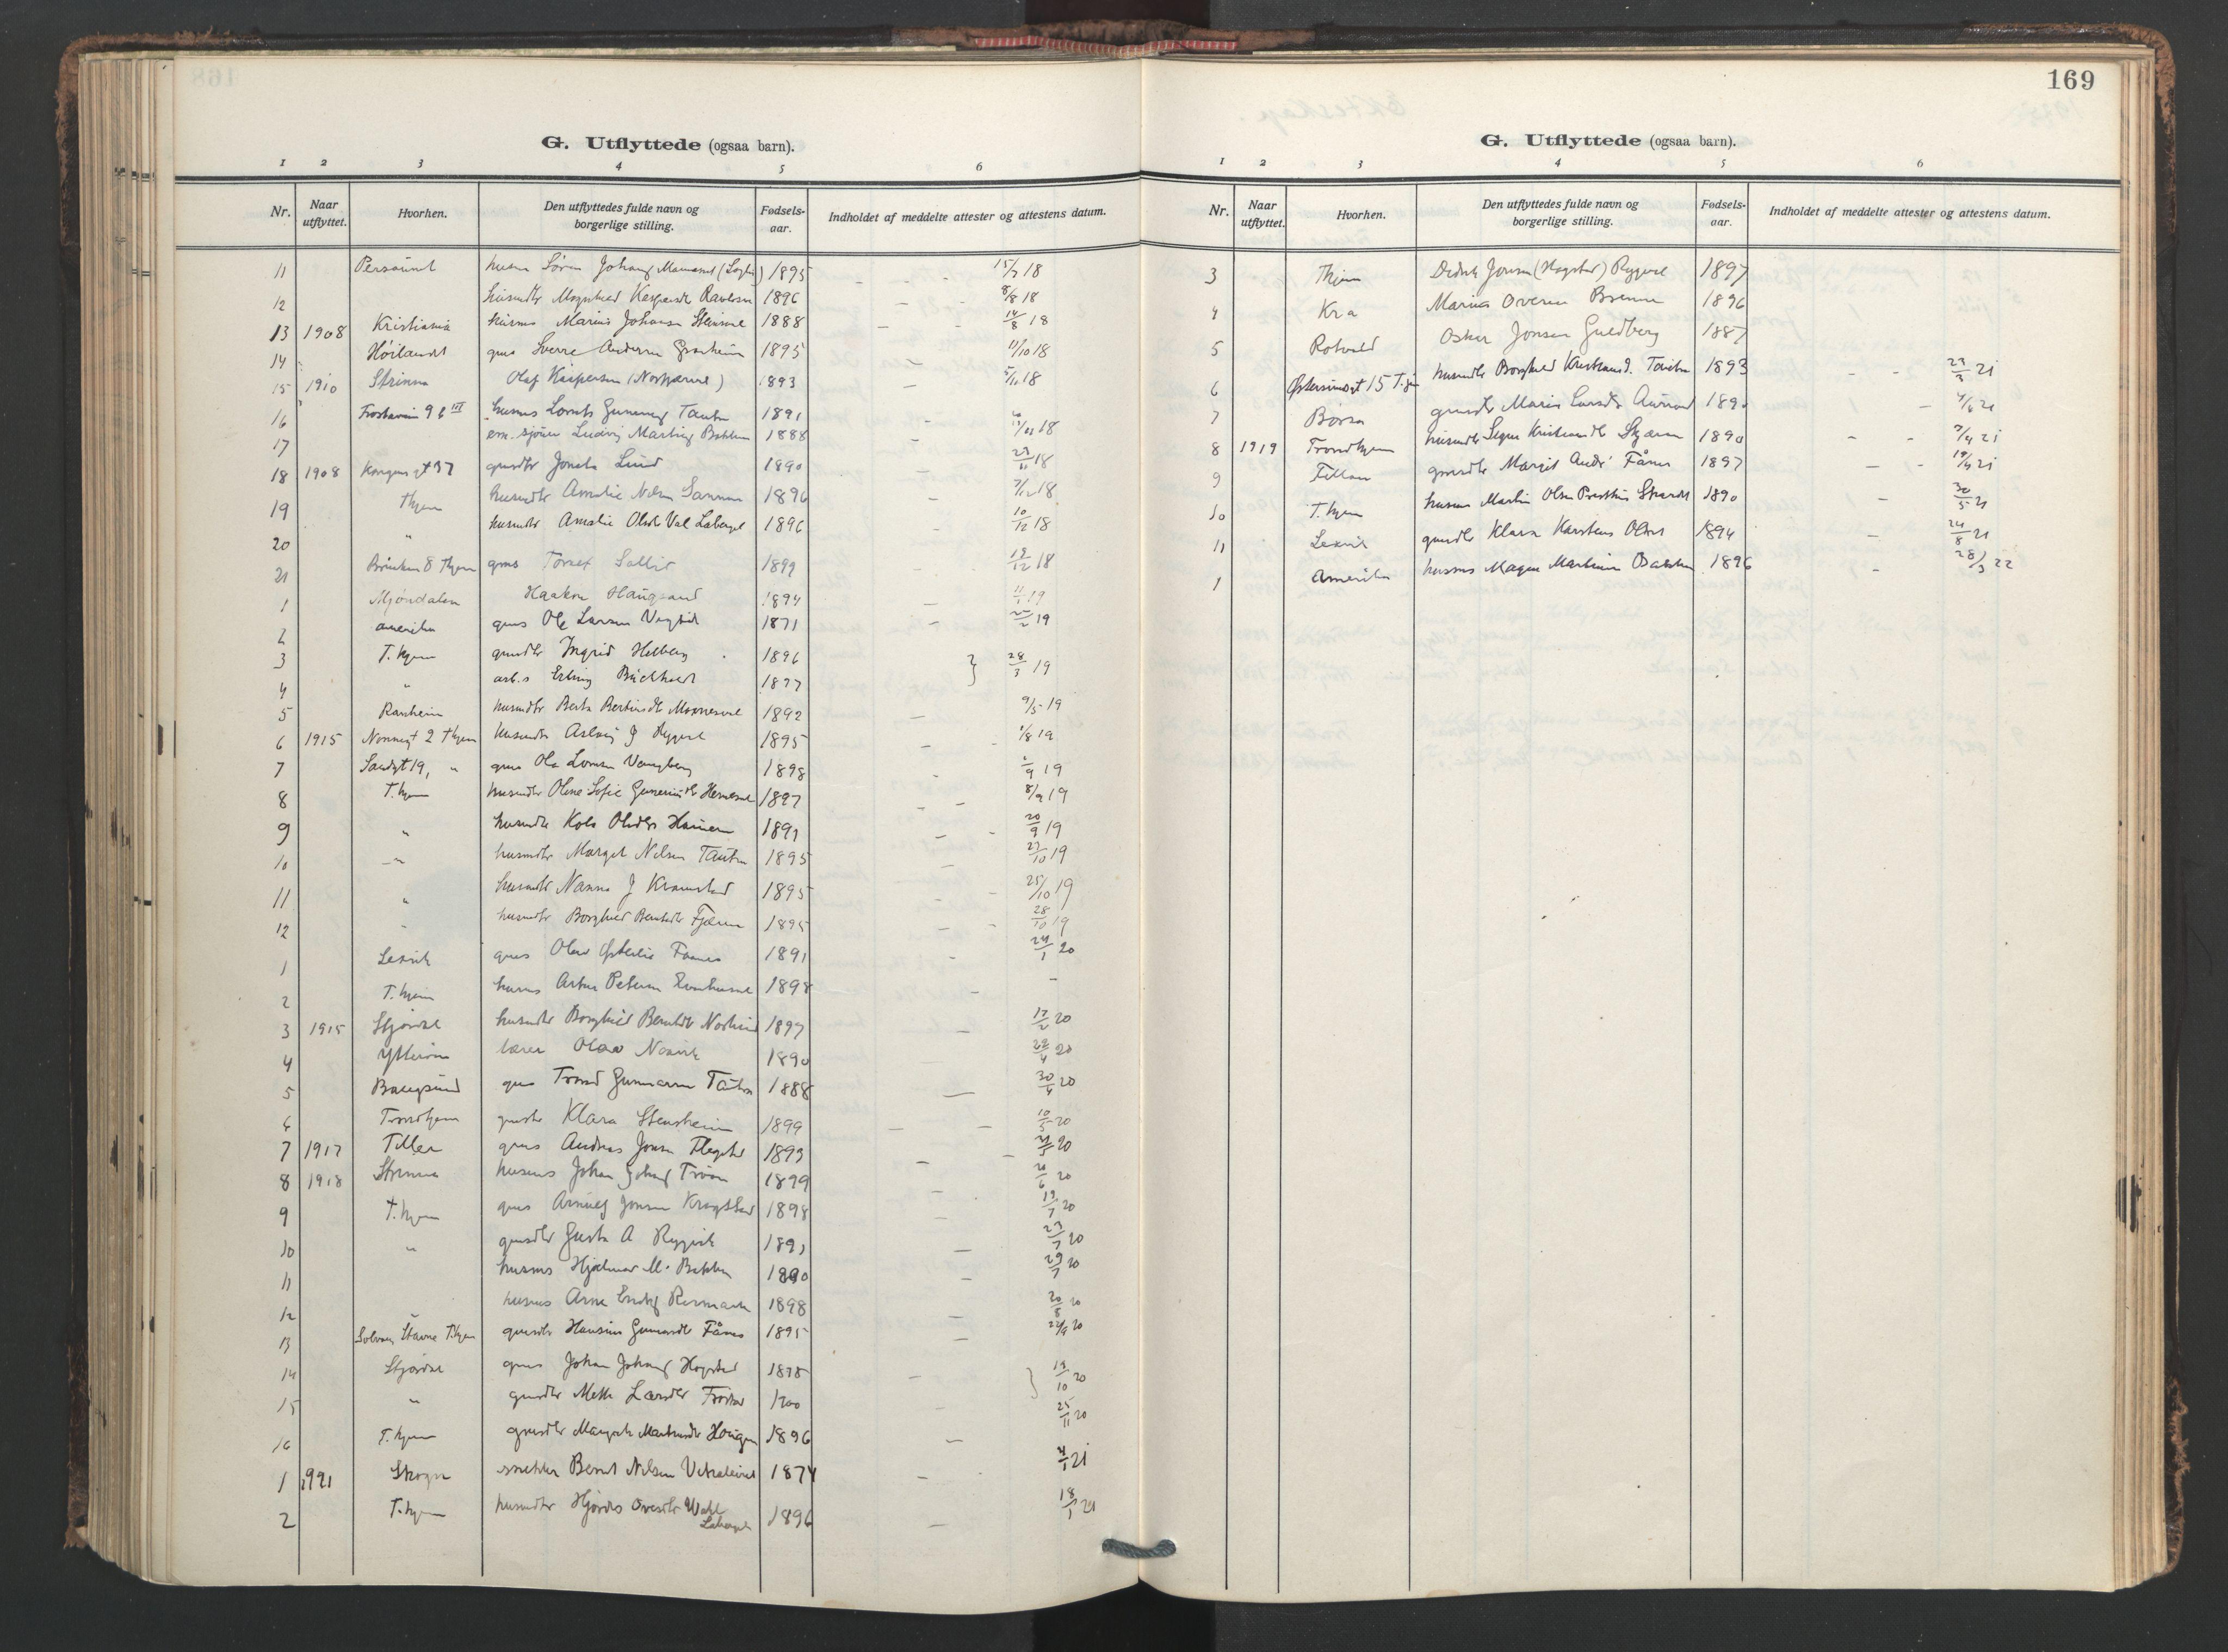 SAT, Ministerialprotokoller, klokkerbøker og fødselsregistre - Nord-Trøndelag, 713/L0123: Ministerialbok nr. 713A12, 1911-1925, s. 169